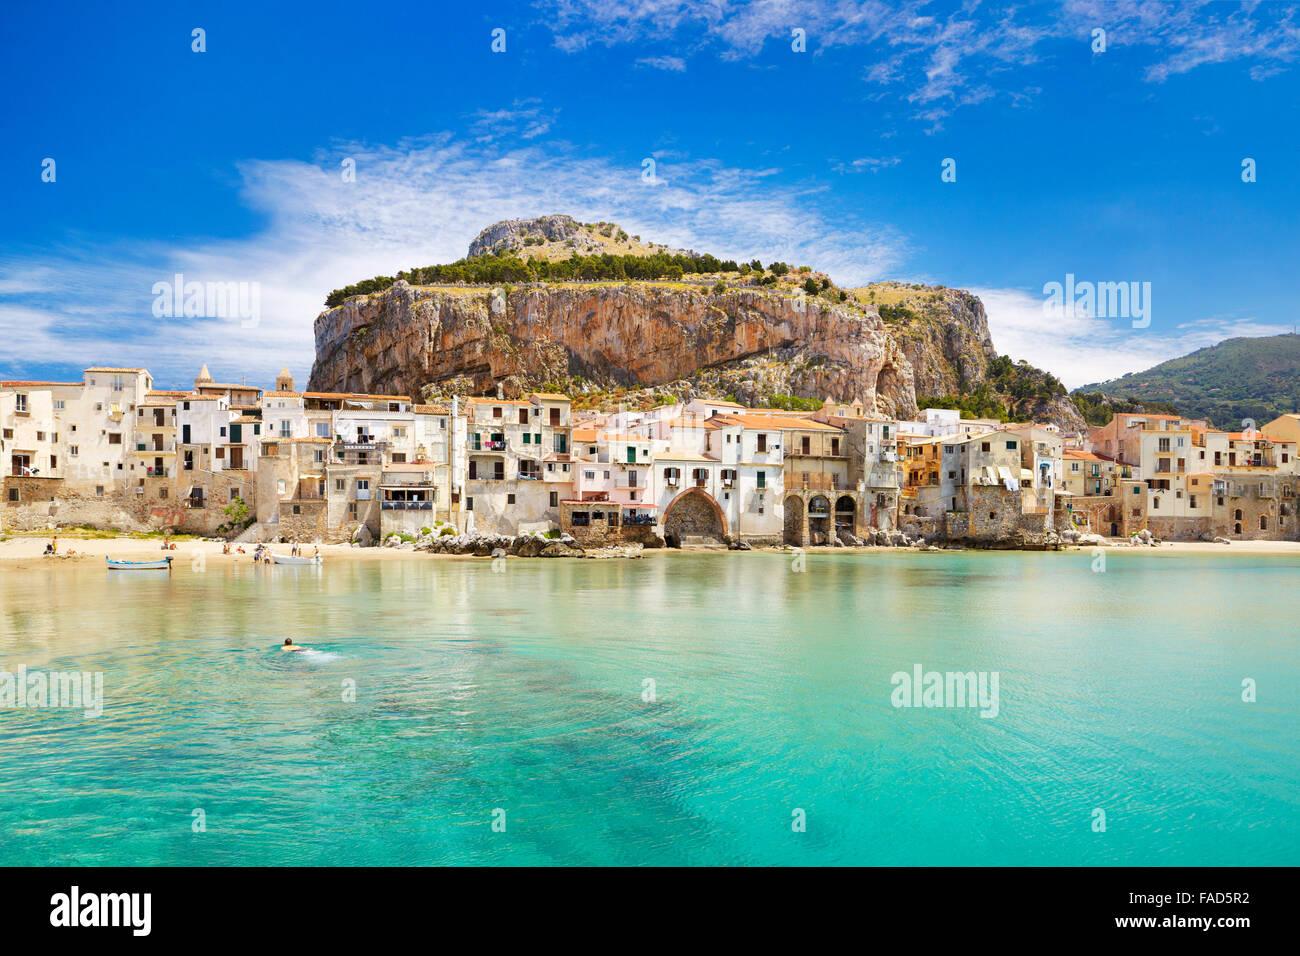 Case medievali e la Rocca Hill, Cefalu, Sicilia, Italia Immagini Stock